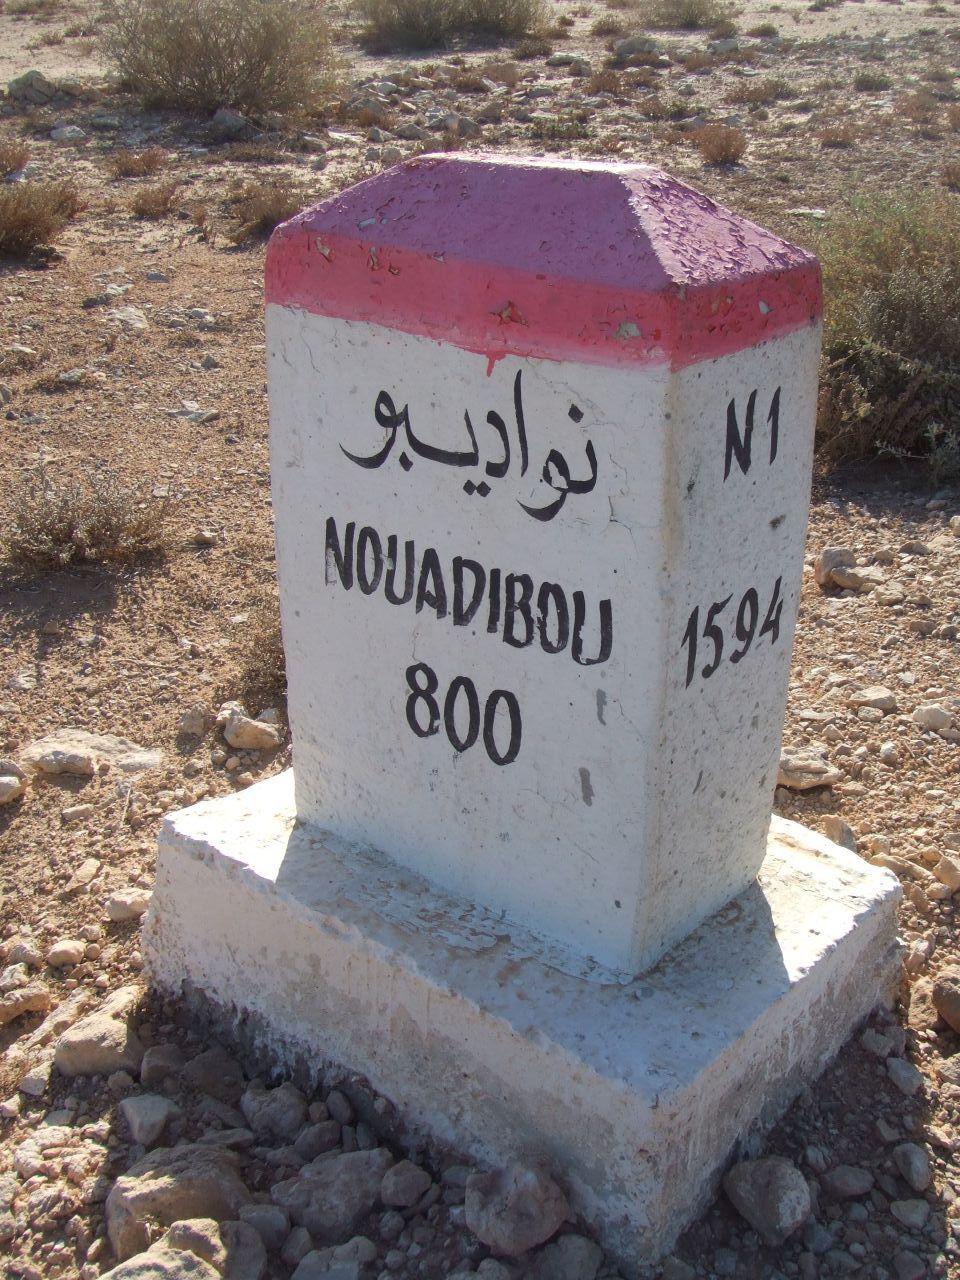 Subasta Aureo & Calico  5 de febrero - Página 6 Mojon_kilometrico_en_la_ruta_N1_indicando_800_km_to_Nuadibu